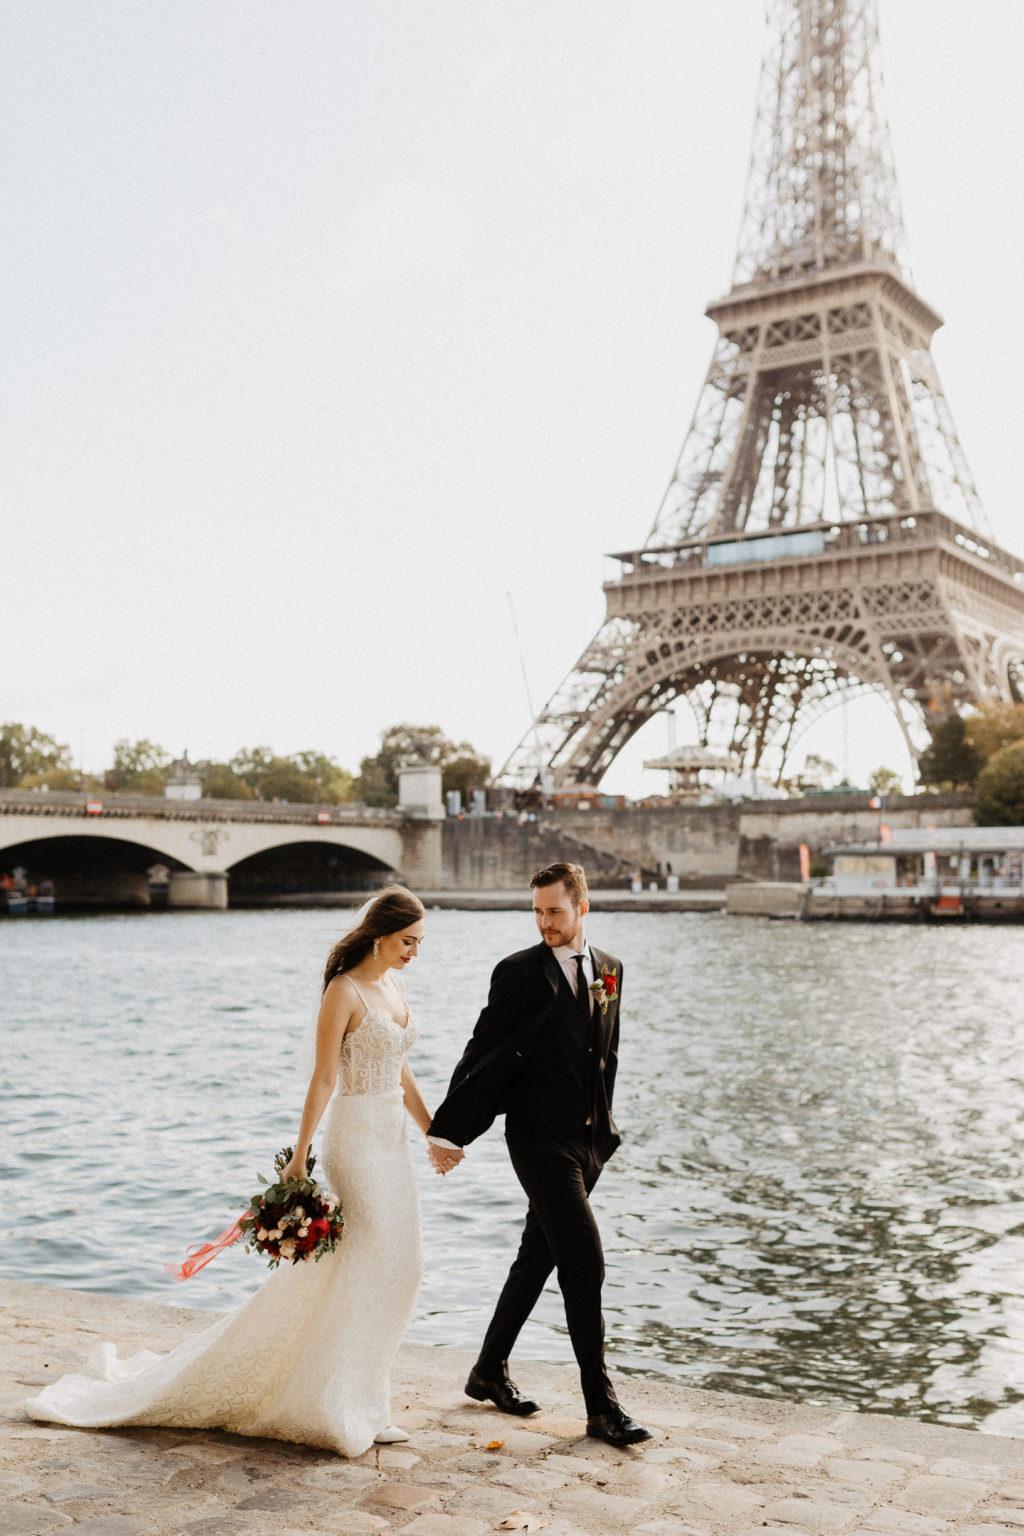 Eiffel Tower by the Seine